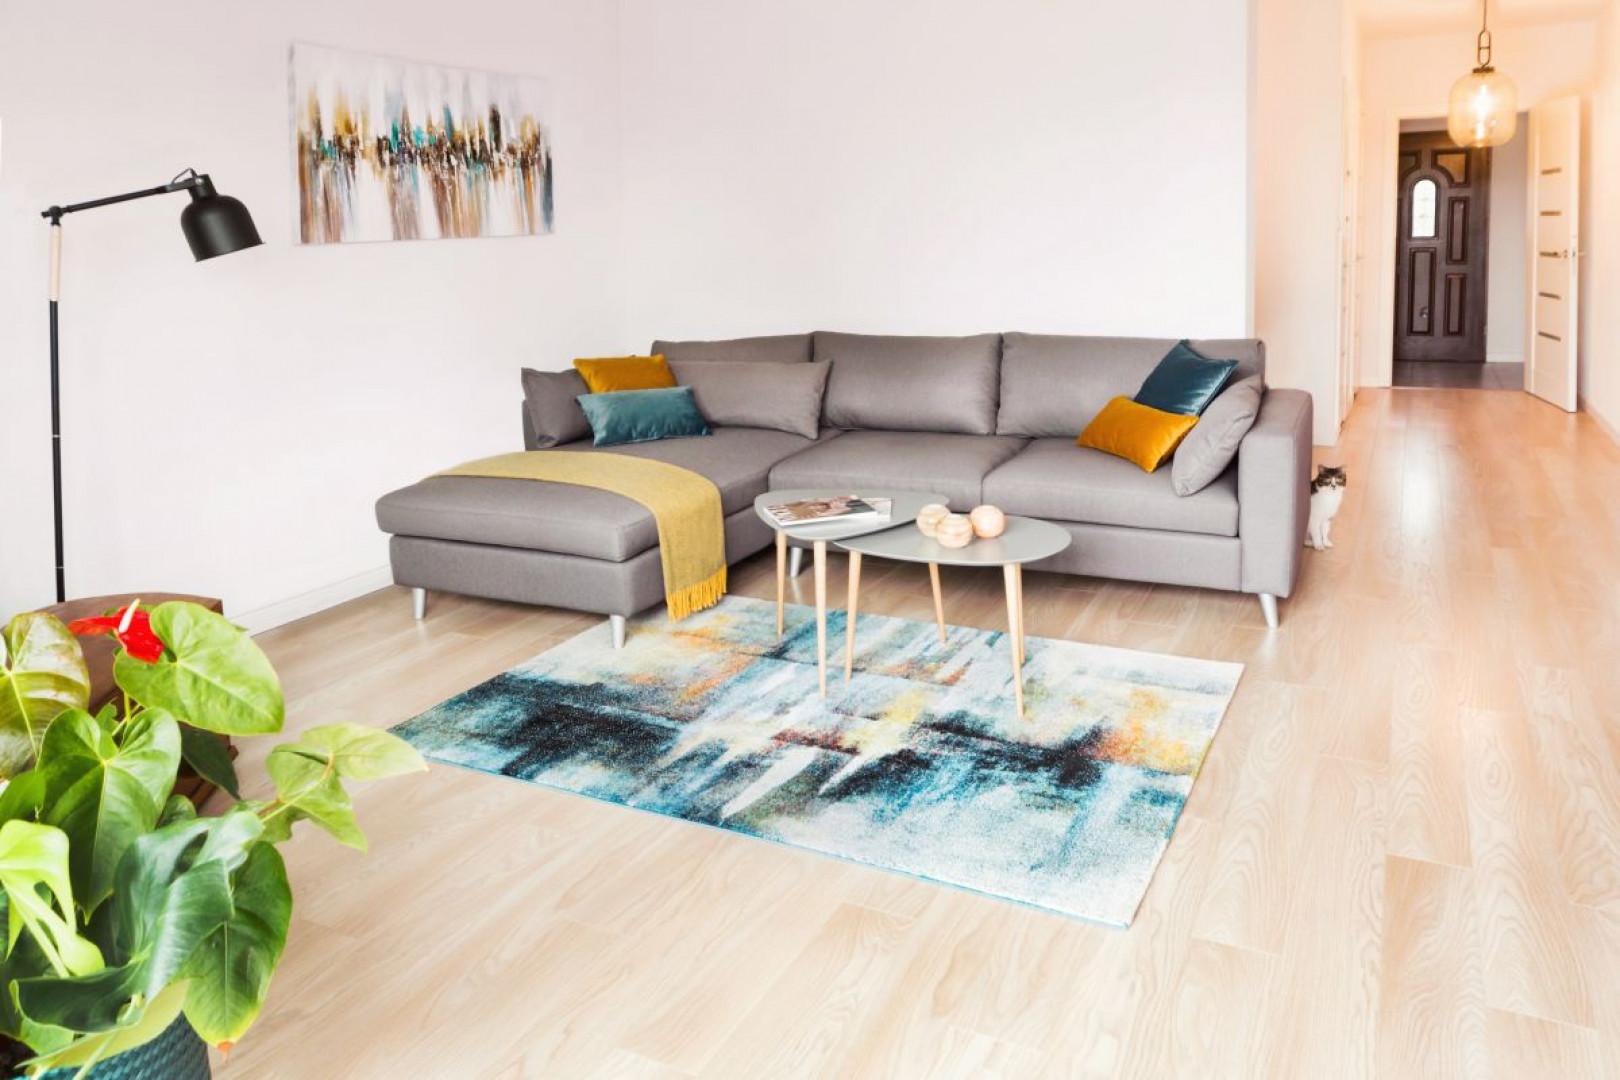 Centralnym punktem salonu jest wygodny i funkcjonalny narożnik, utrzymany w neutralnym, szarym kolorze. Projekt: Kinga Świątek-Wolna. Fot,. Make Home